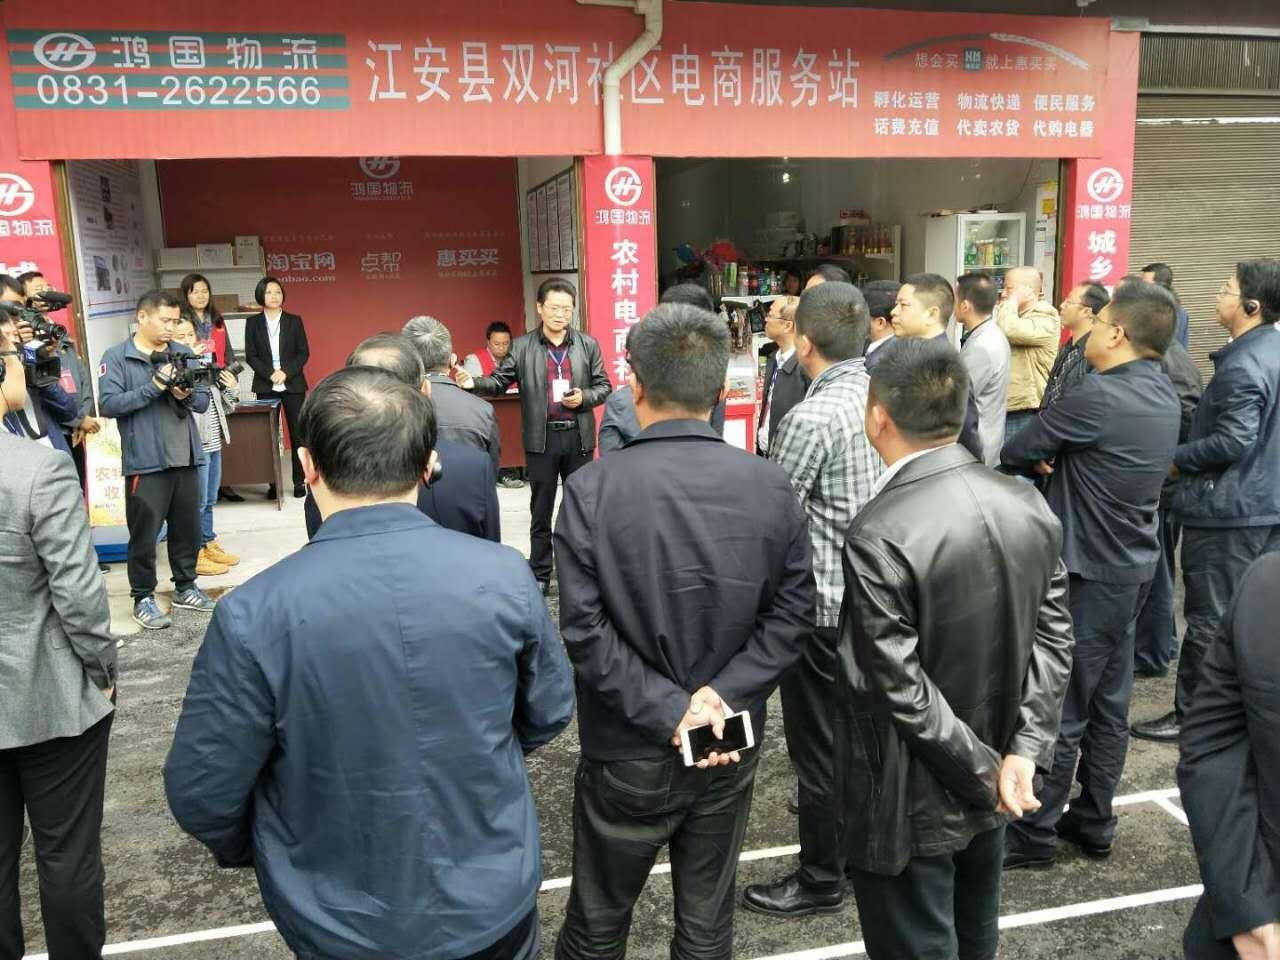 同聲傳譯-- 上海映茂文化傳播有限公司